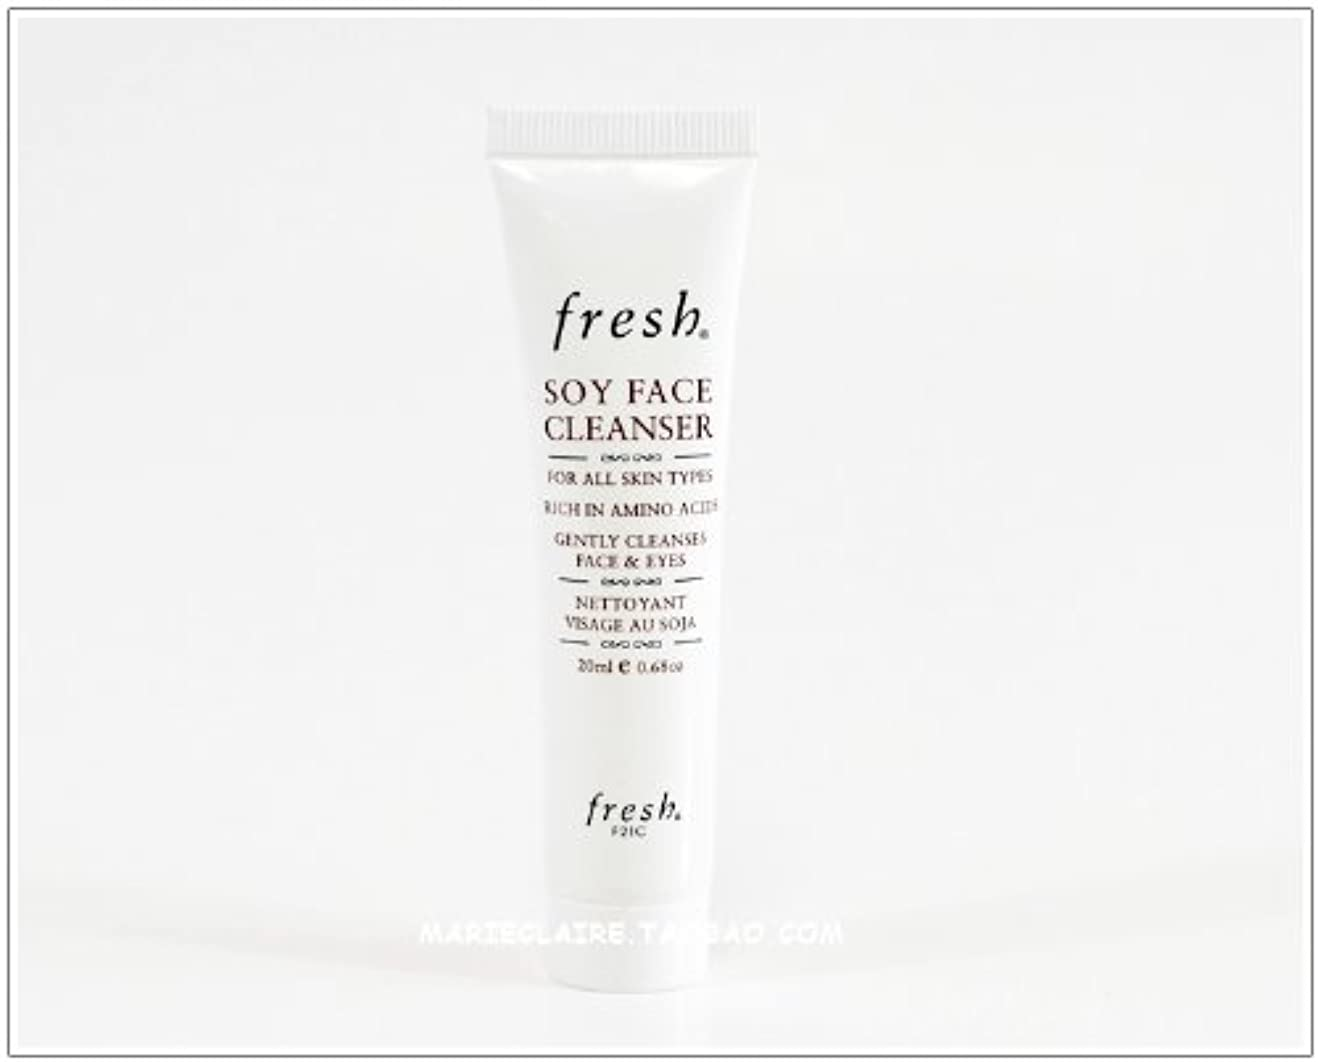 のスコアボルトパワーセルFresh SOY FACE CLEANSER (フレッシュ ソイ フェイス クレンザー) 0.6 oz (20ml) トラベルサイズ by Fresh for Women